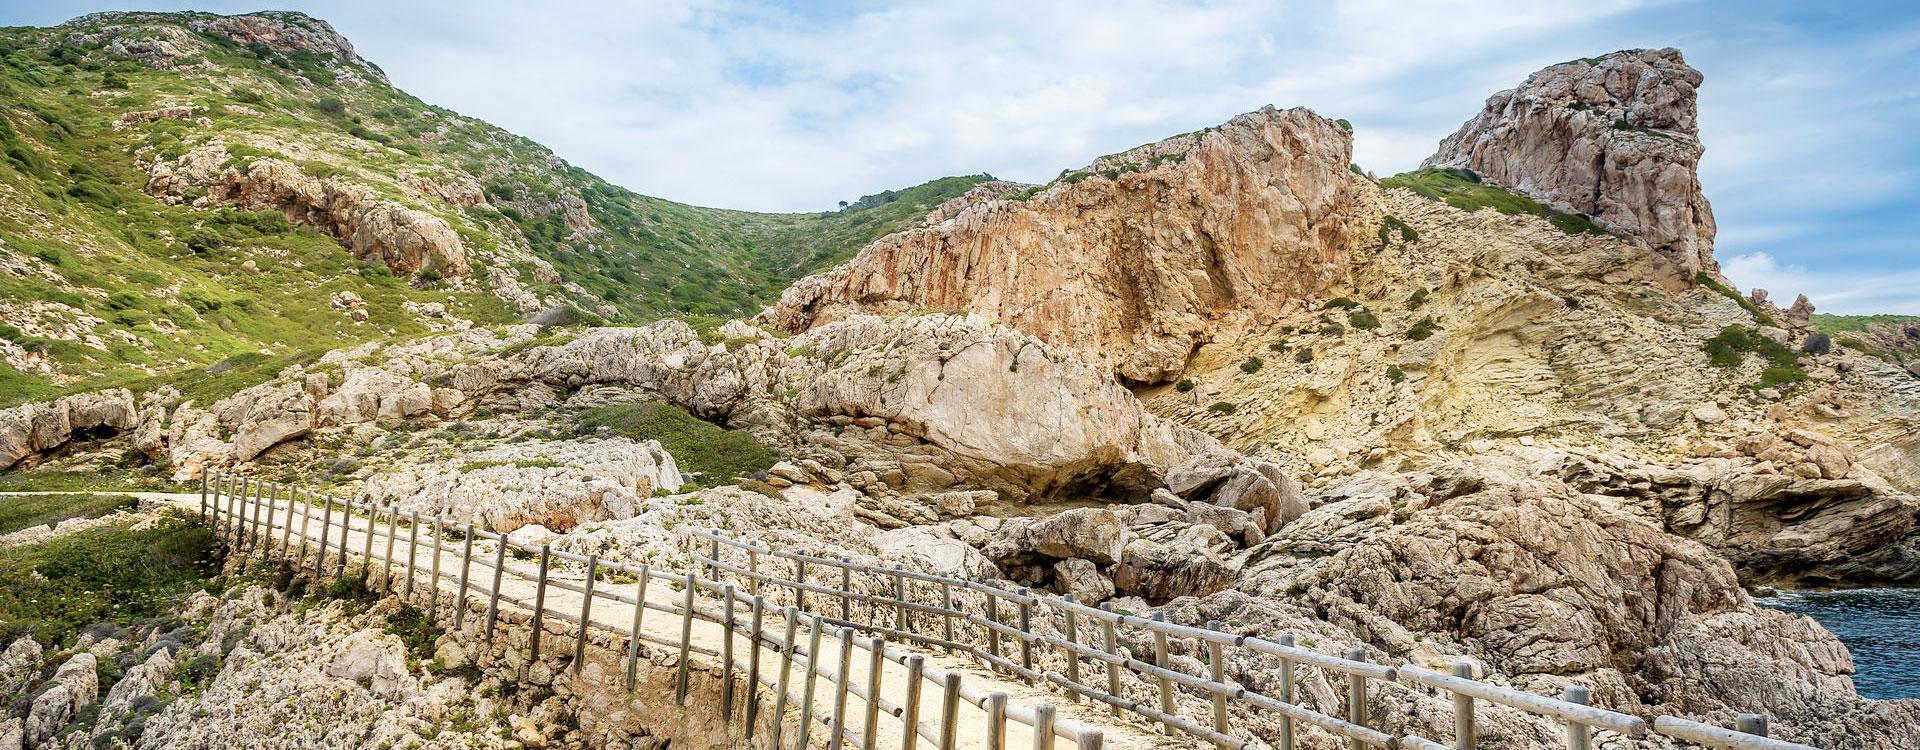 Vista de un sendero de la Isla de Cabrera